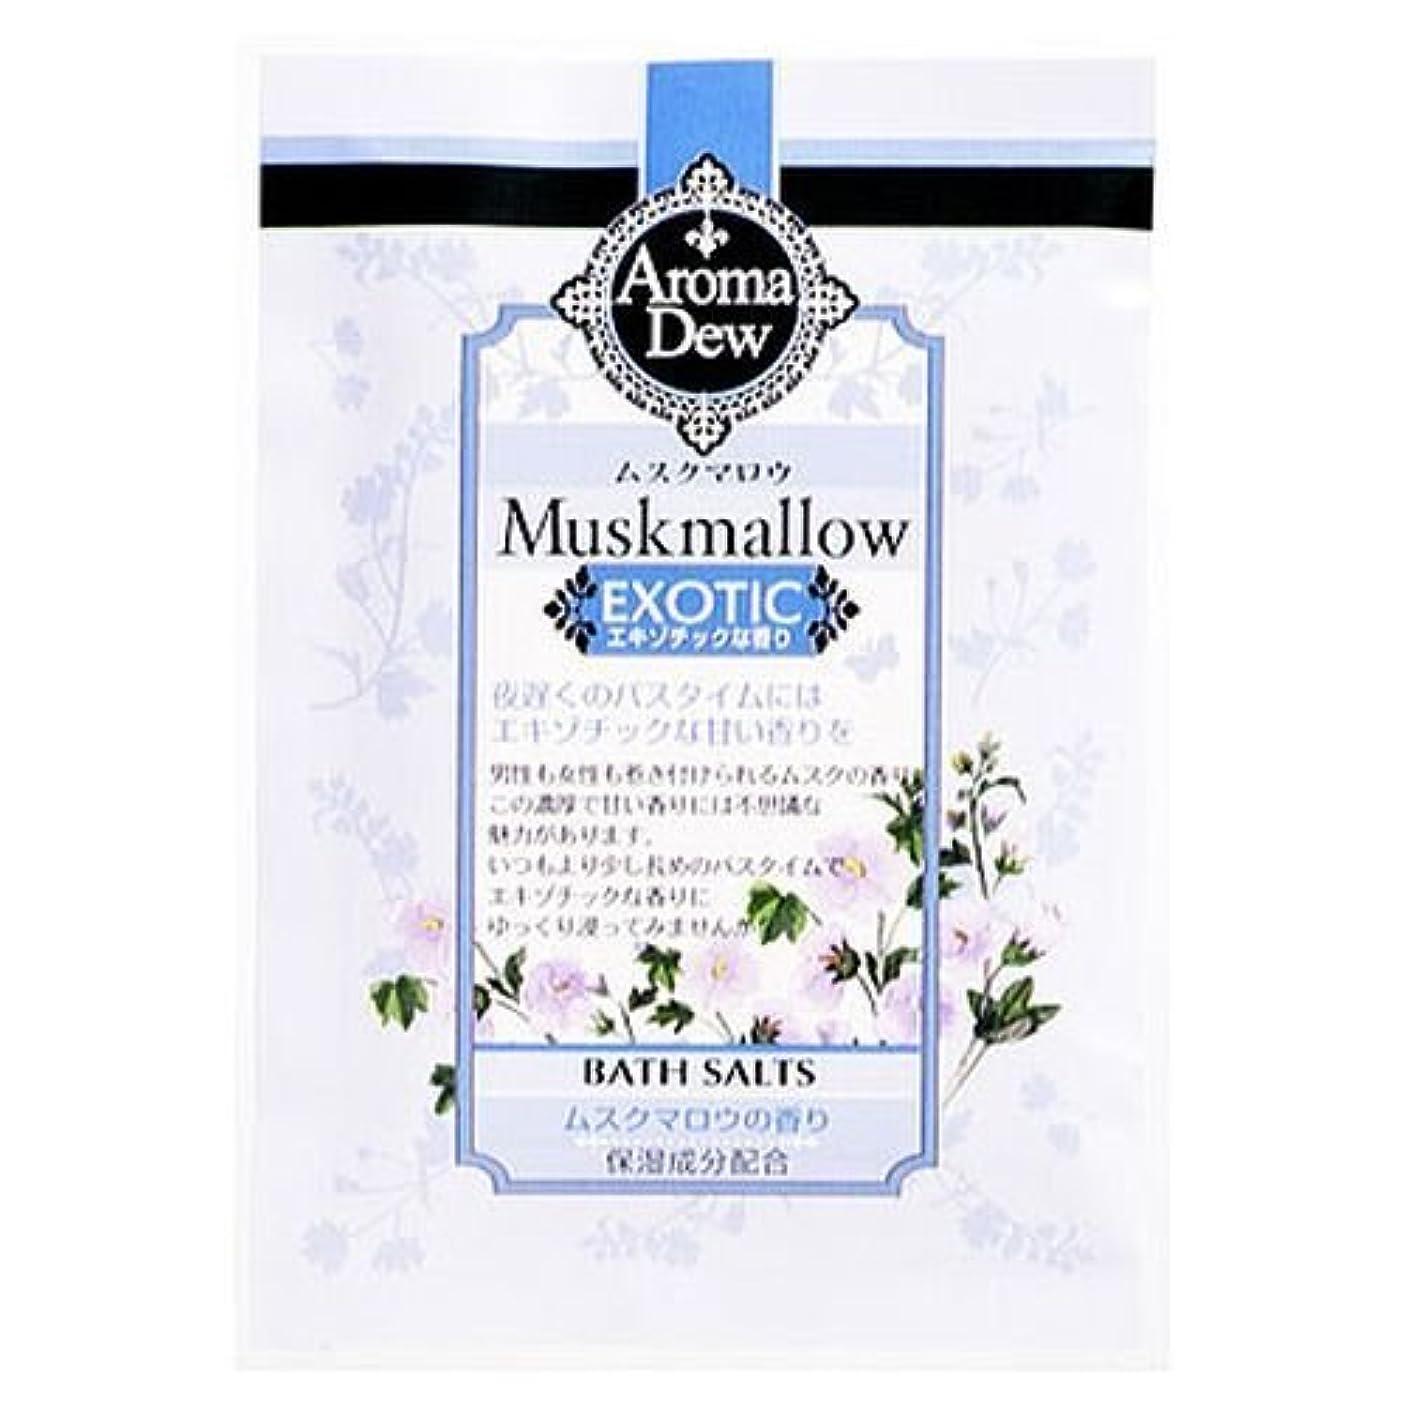 に同意する柔らかい足まあクロバーコーポレーション アロマデュウ バスソルト ムスクマロウの香り ムスクマロウ